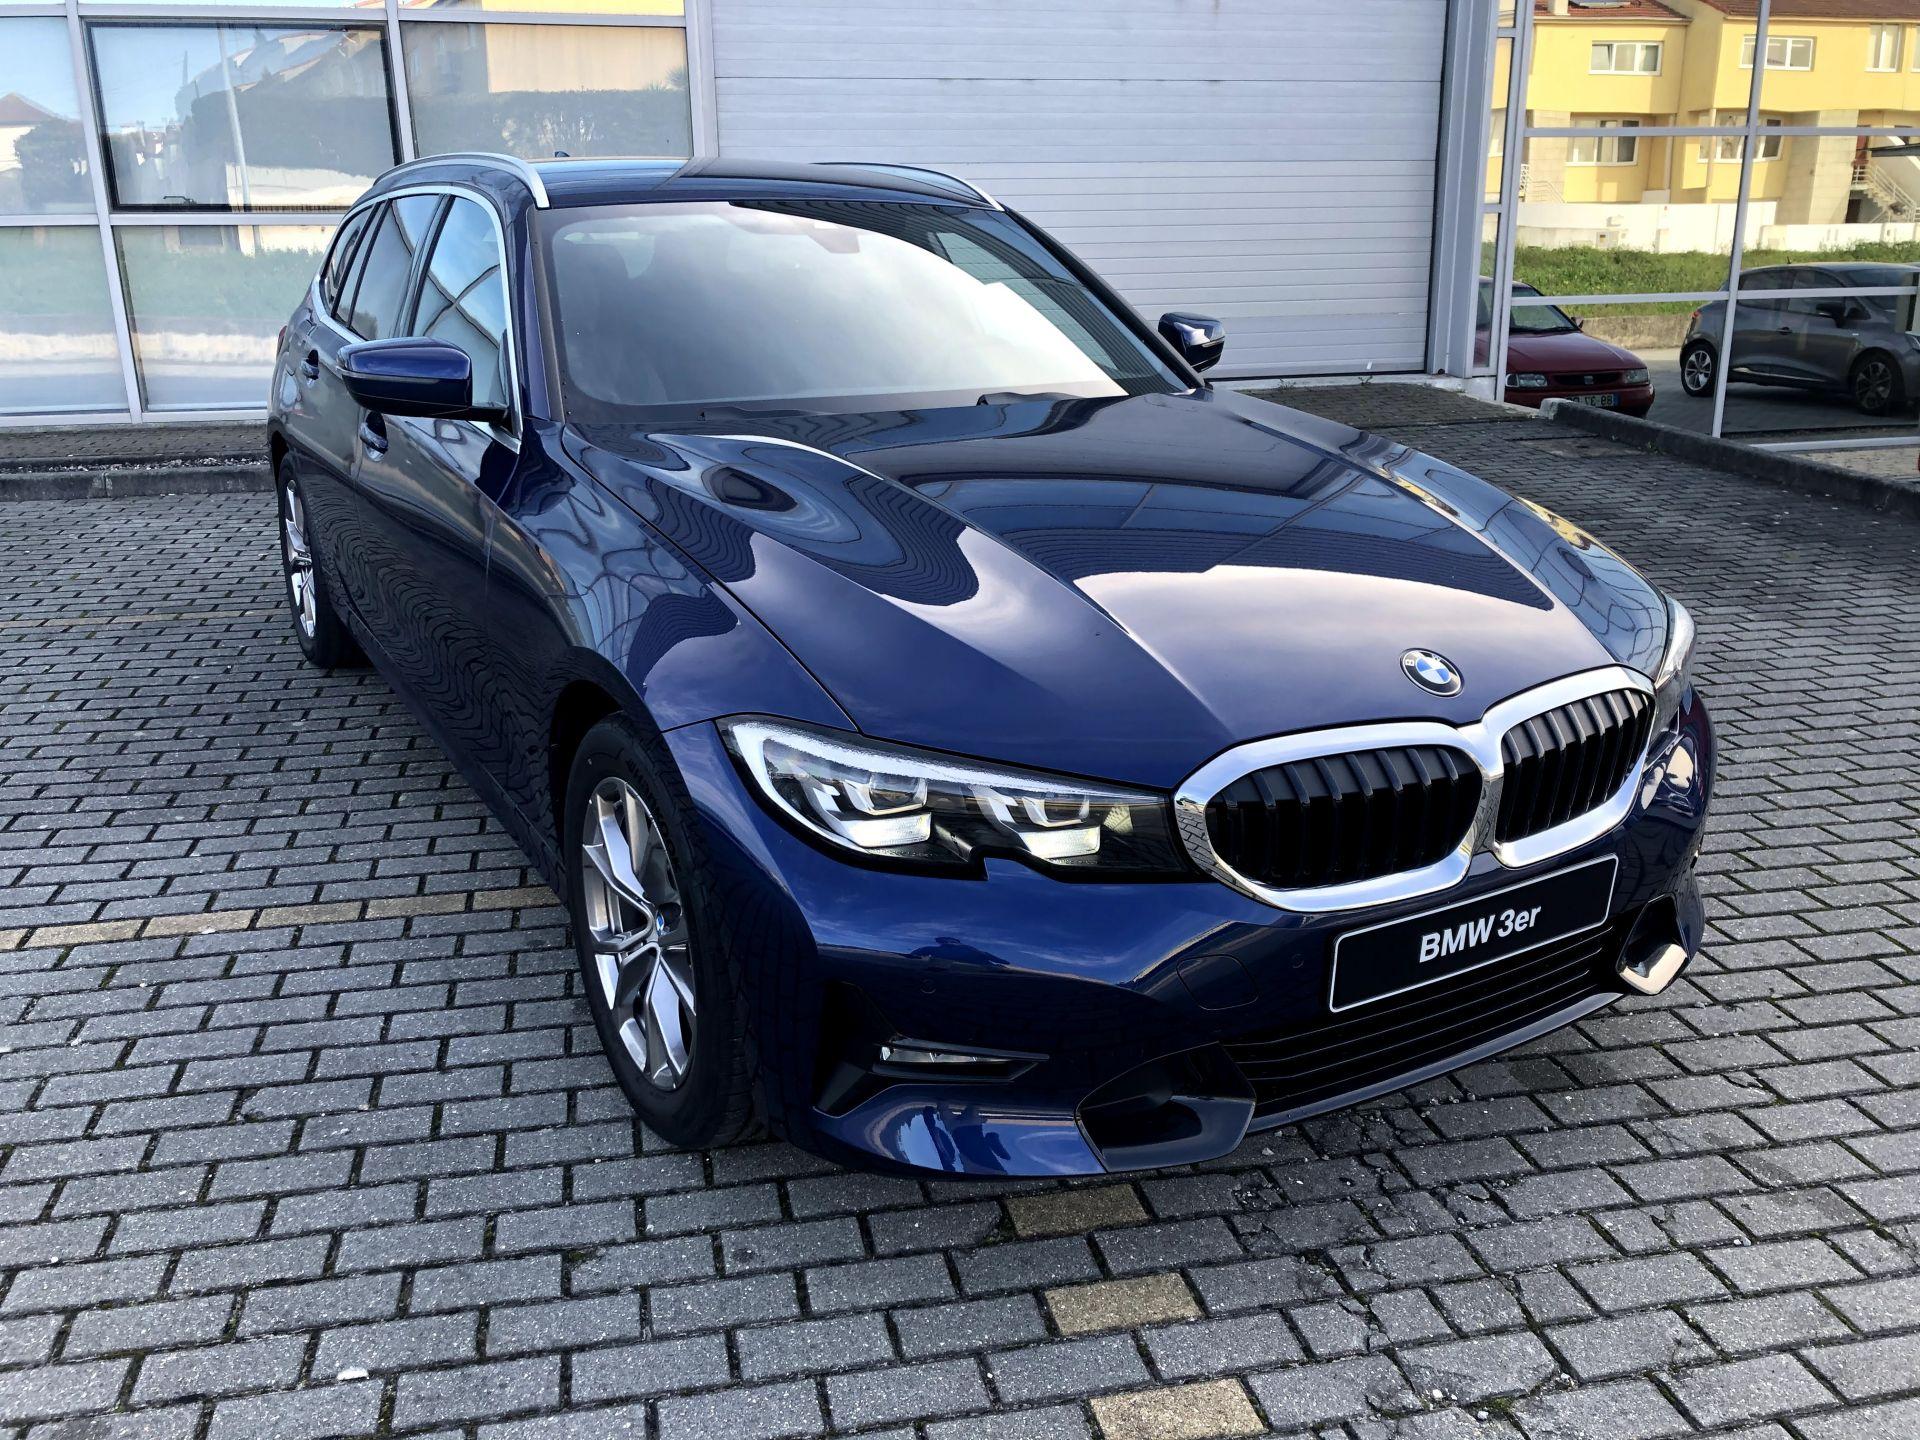 BMW Serie 3 318d Touring Auto Line Sport (Viatura Demonstração) segunda mão Aveiro